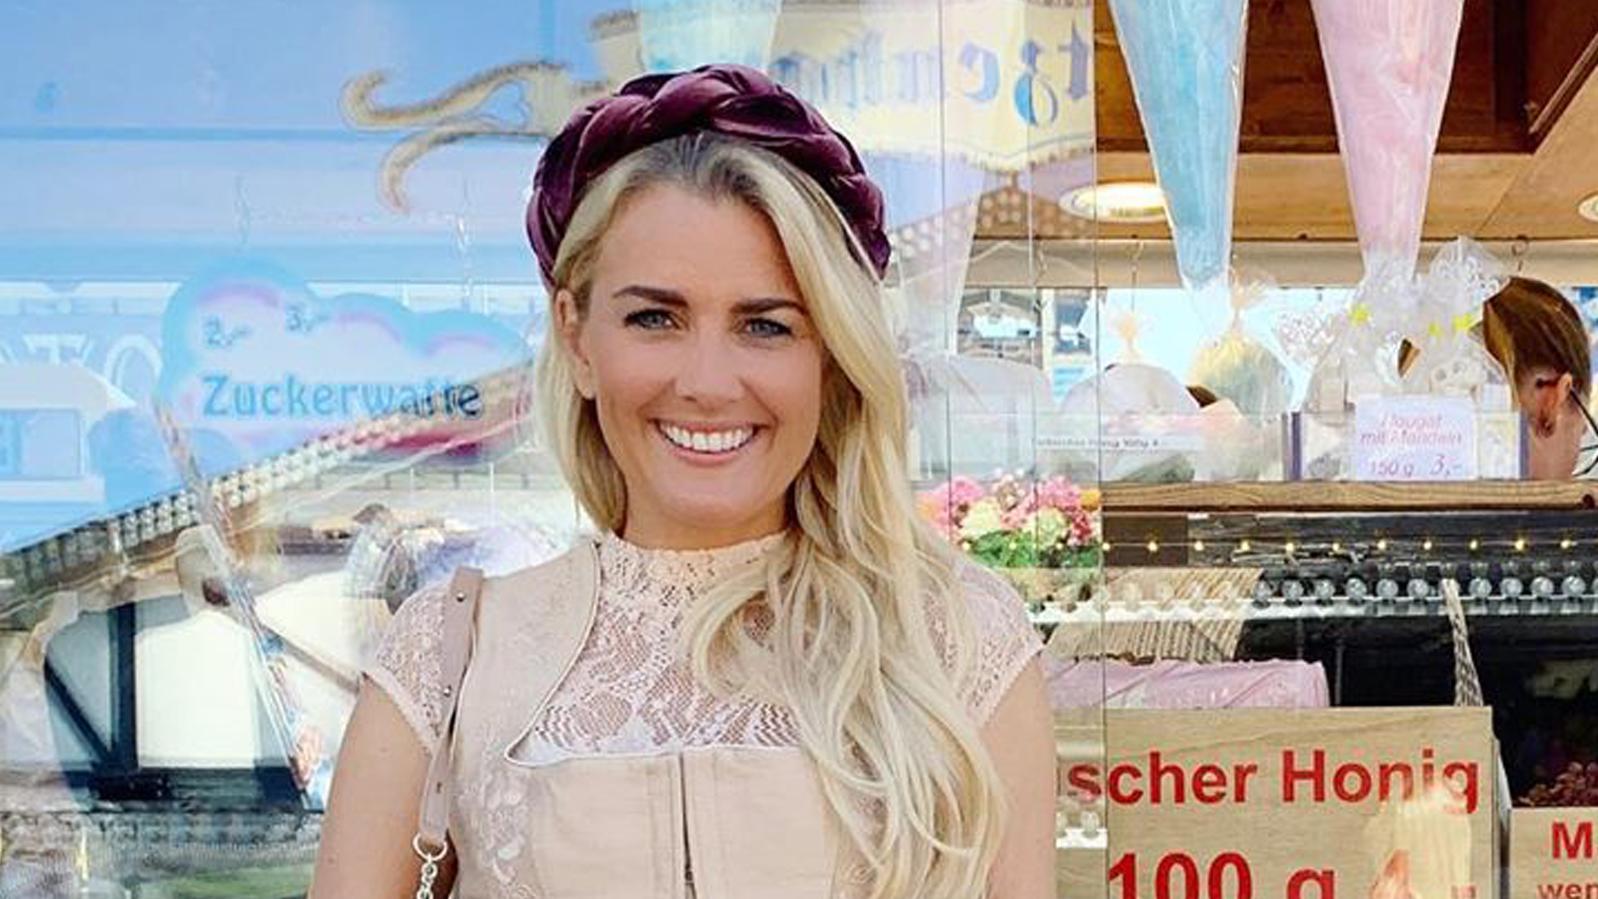 RTL-Moderatorin Jenny Knäble mit Haarreif auf der Wiesn 2019. (Quelle: Instagram / Jennifer Knäble)